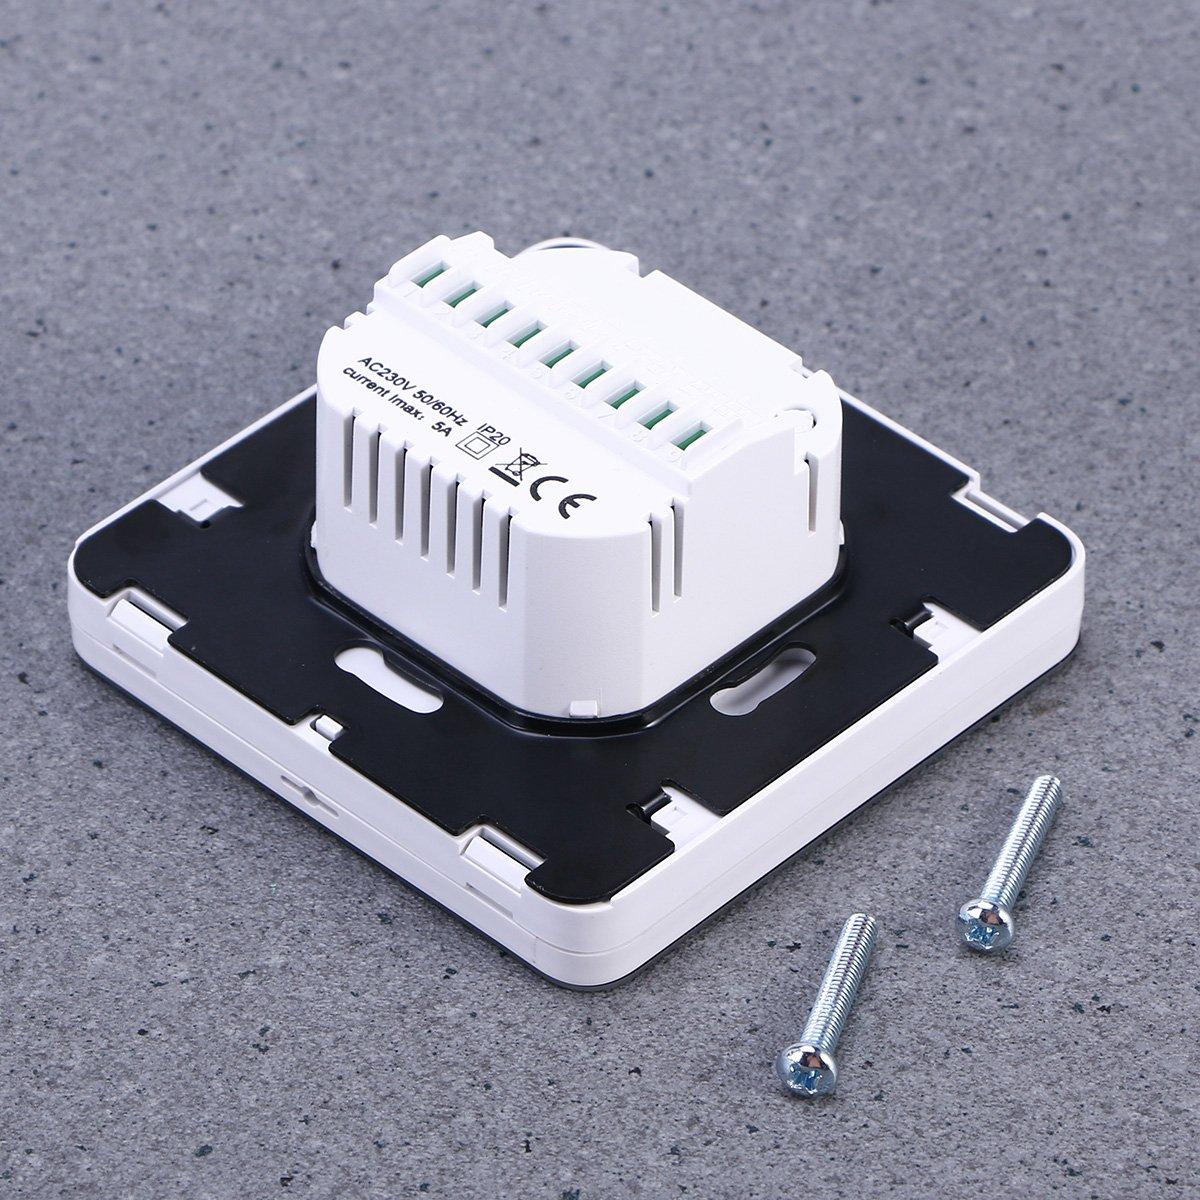 Vosarea Termóstato Digital de Pantalla LCD para regulador de Temperatura de Calefacción para Unidades de Fan Coil del Aire Acondicionado Central (Blanco): ...